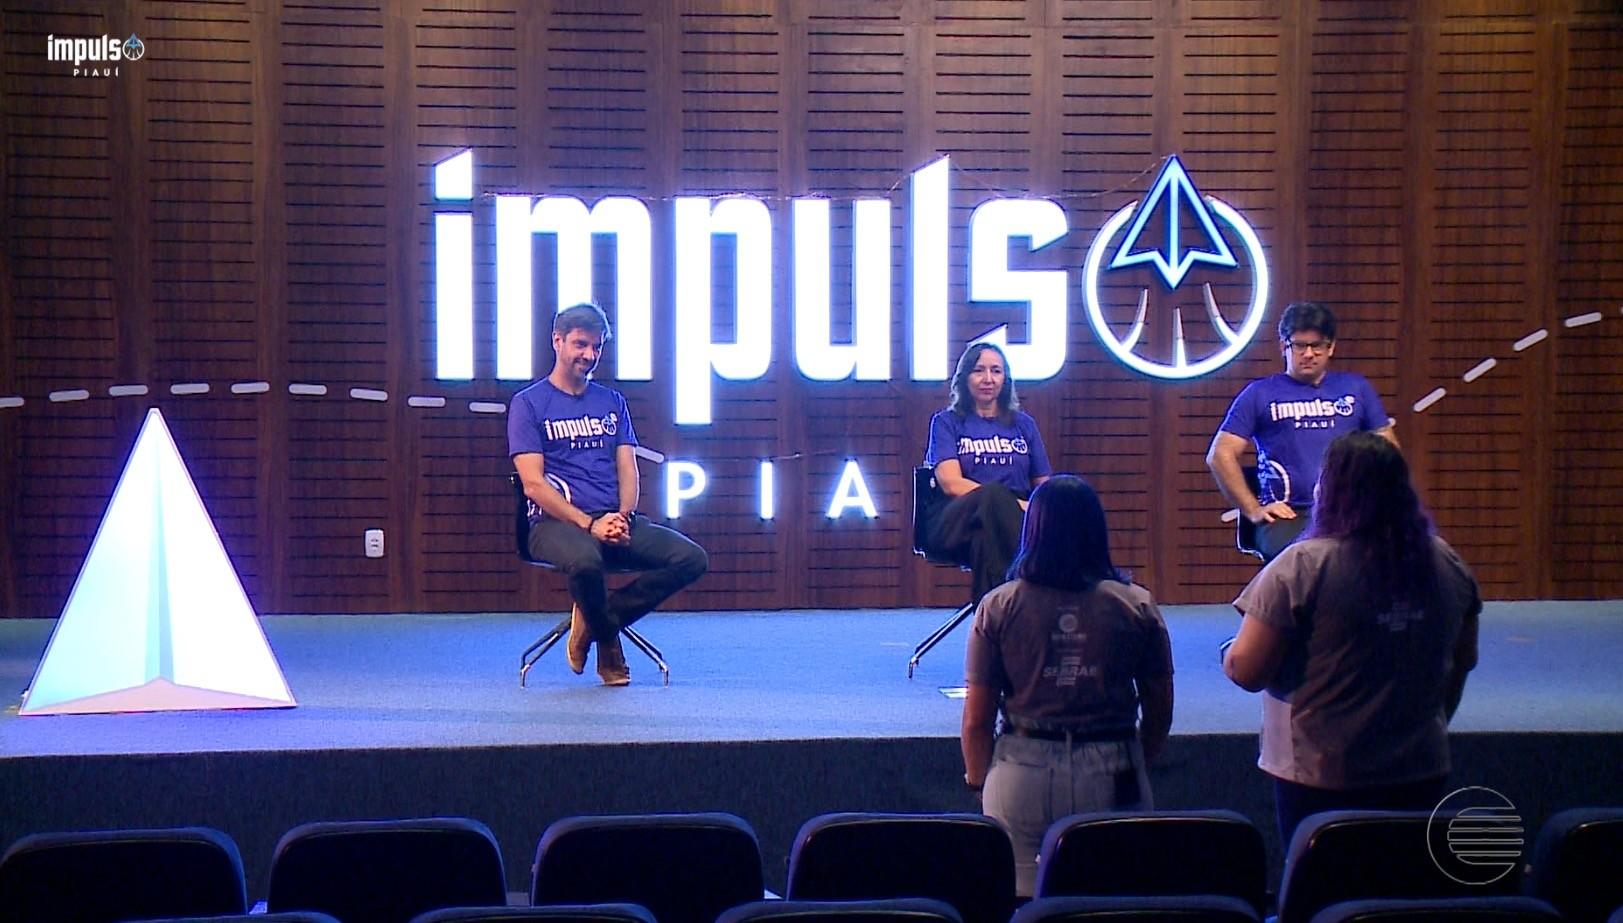 Primeira prova do reality Impulso 2021, da Rede Clube, tem desafio com redes sociais